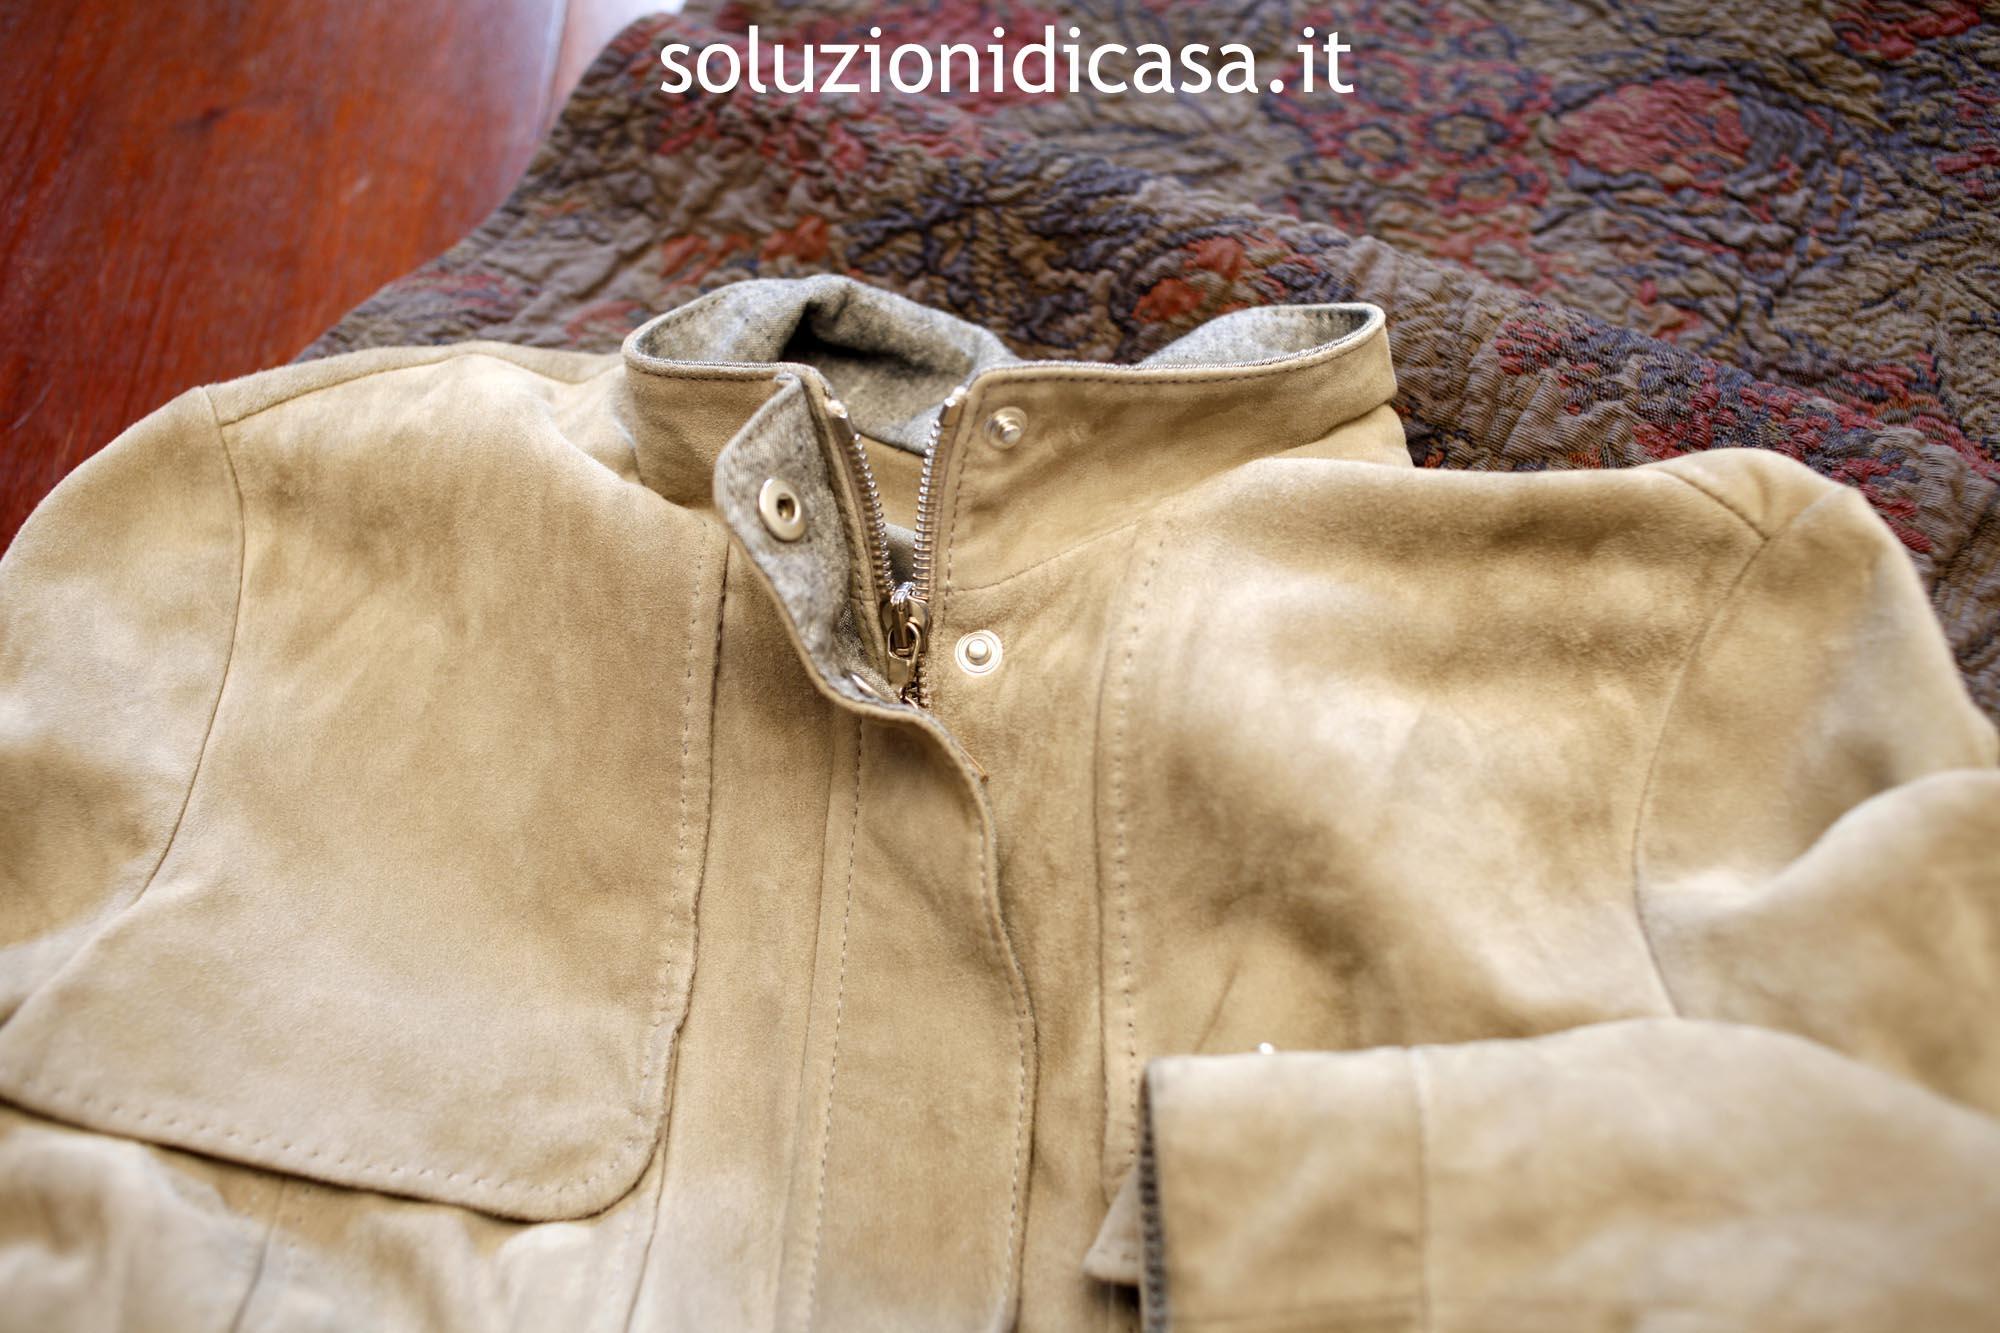 Come pulire le giacche di renna Soluzioni di Casa